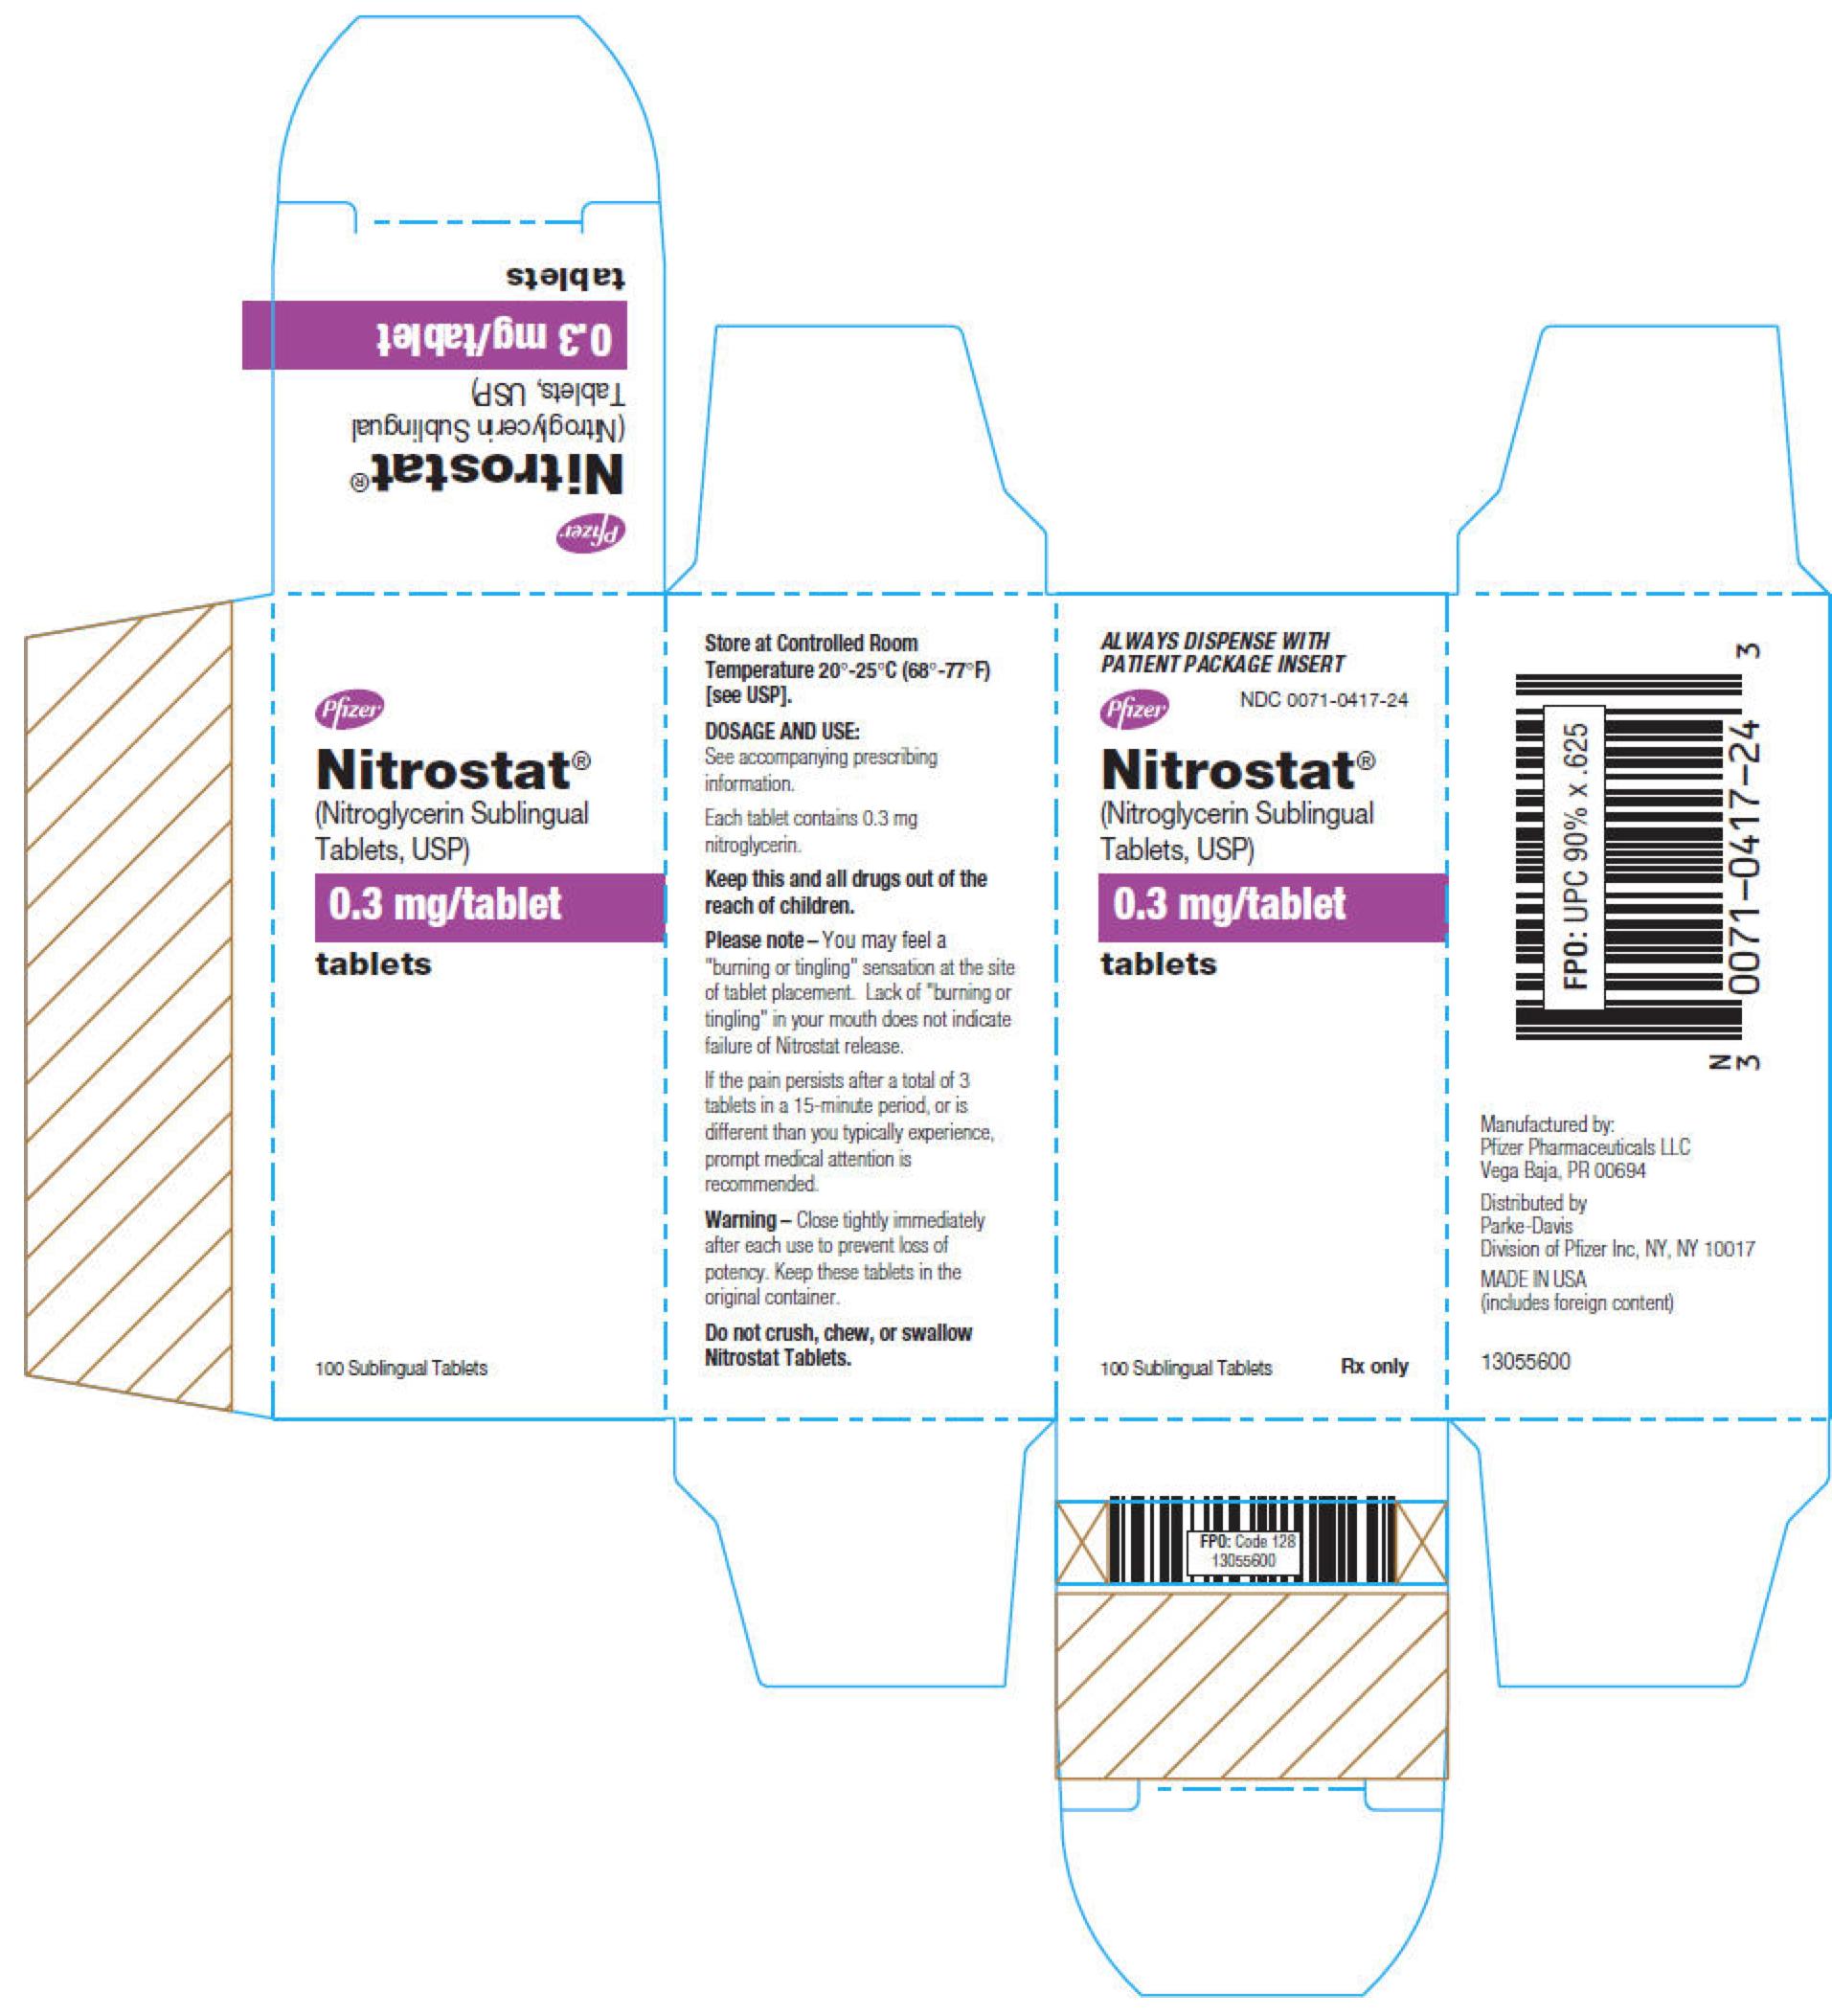 nortriptyline versus amitriptyline